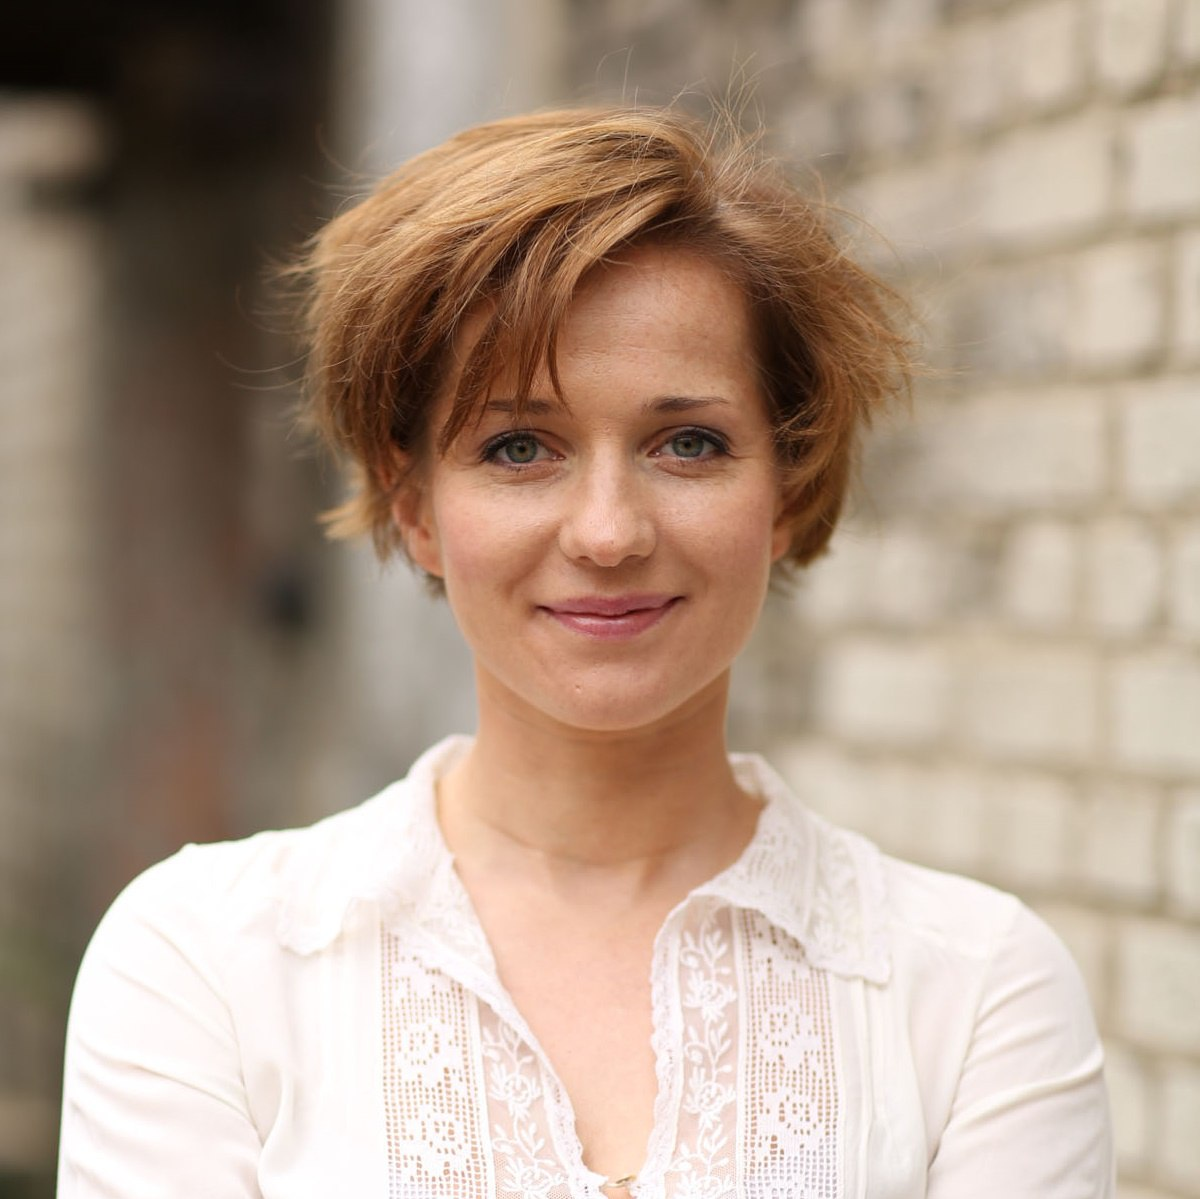 Сегодня свой день рождения отмечает Оболенская (Белевич) Елена Георгиевна.